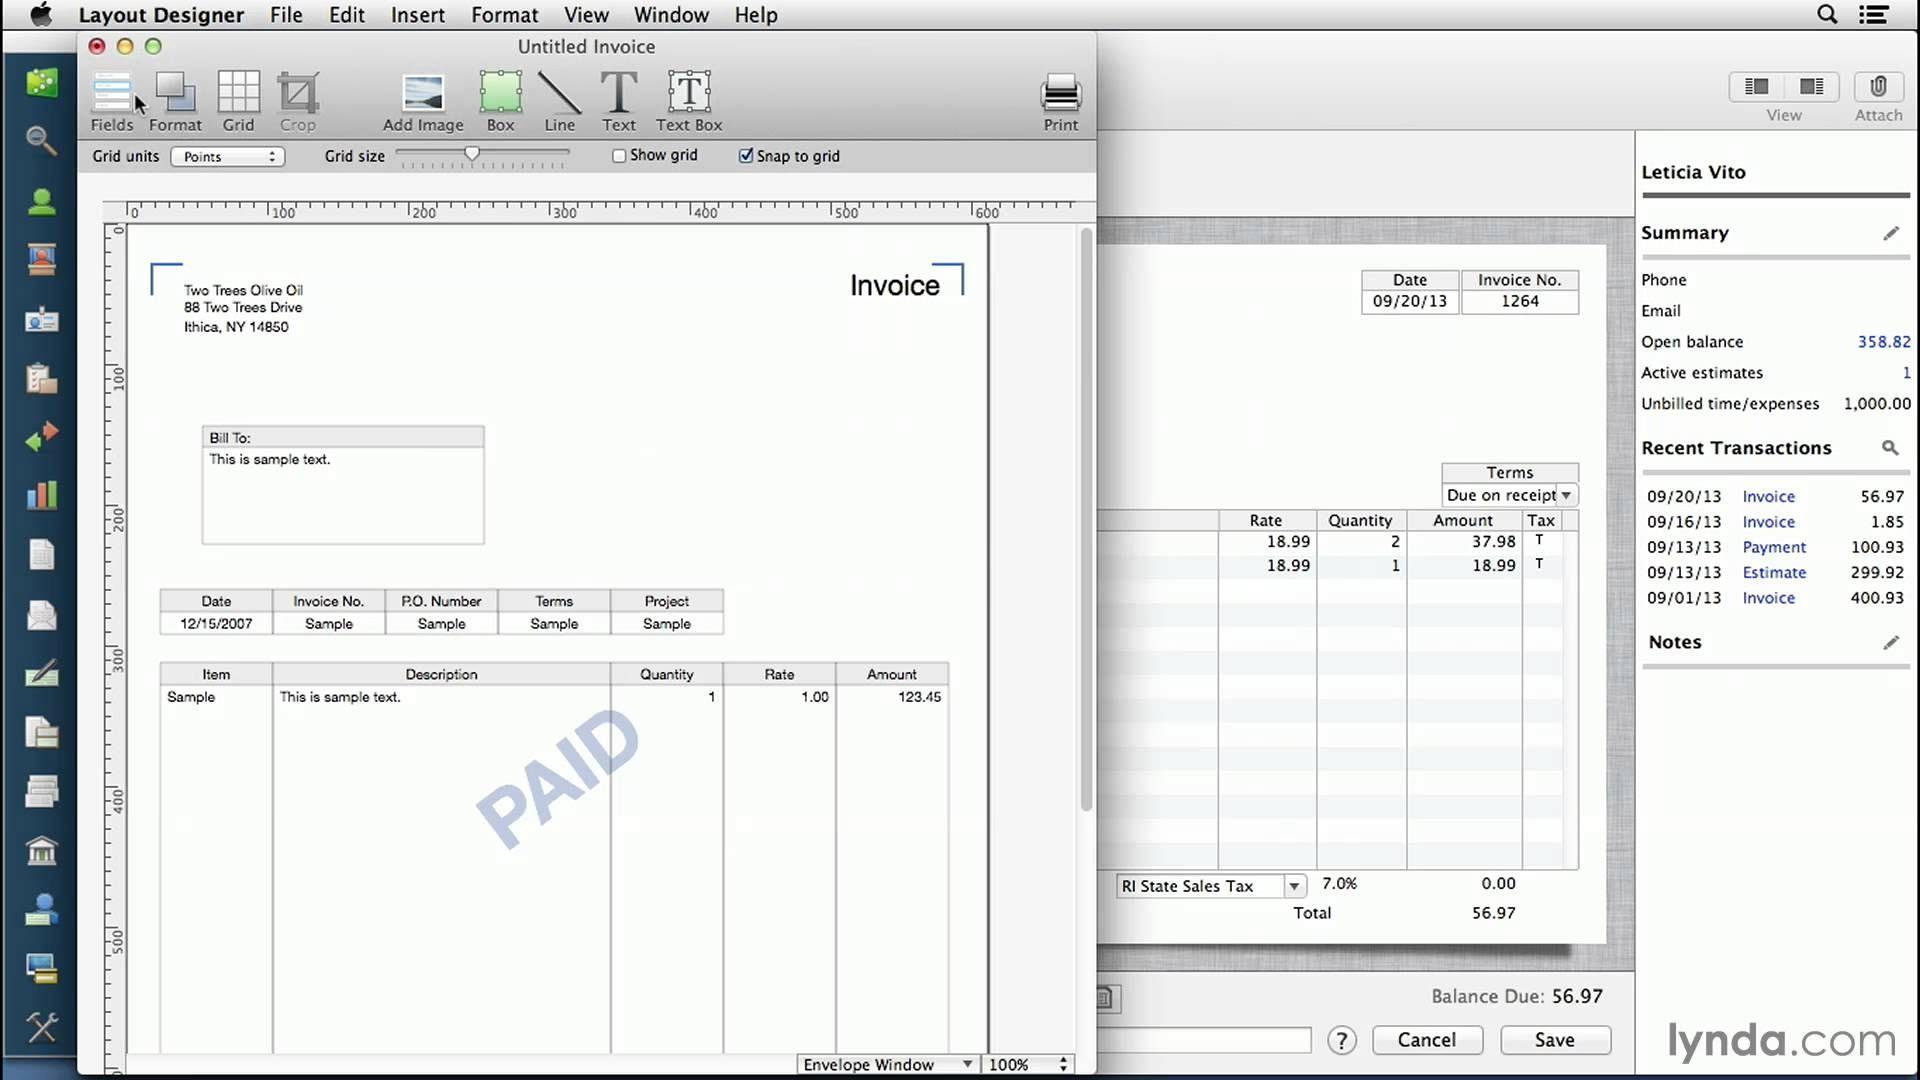 Quickbooks For Mac Tutorial Customizing Invoices And Forms Quickbooks Invoice Templates Invoice Template Microsoft Word Invoice Template Mac Tutorial